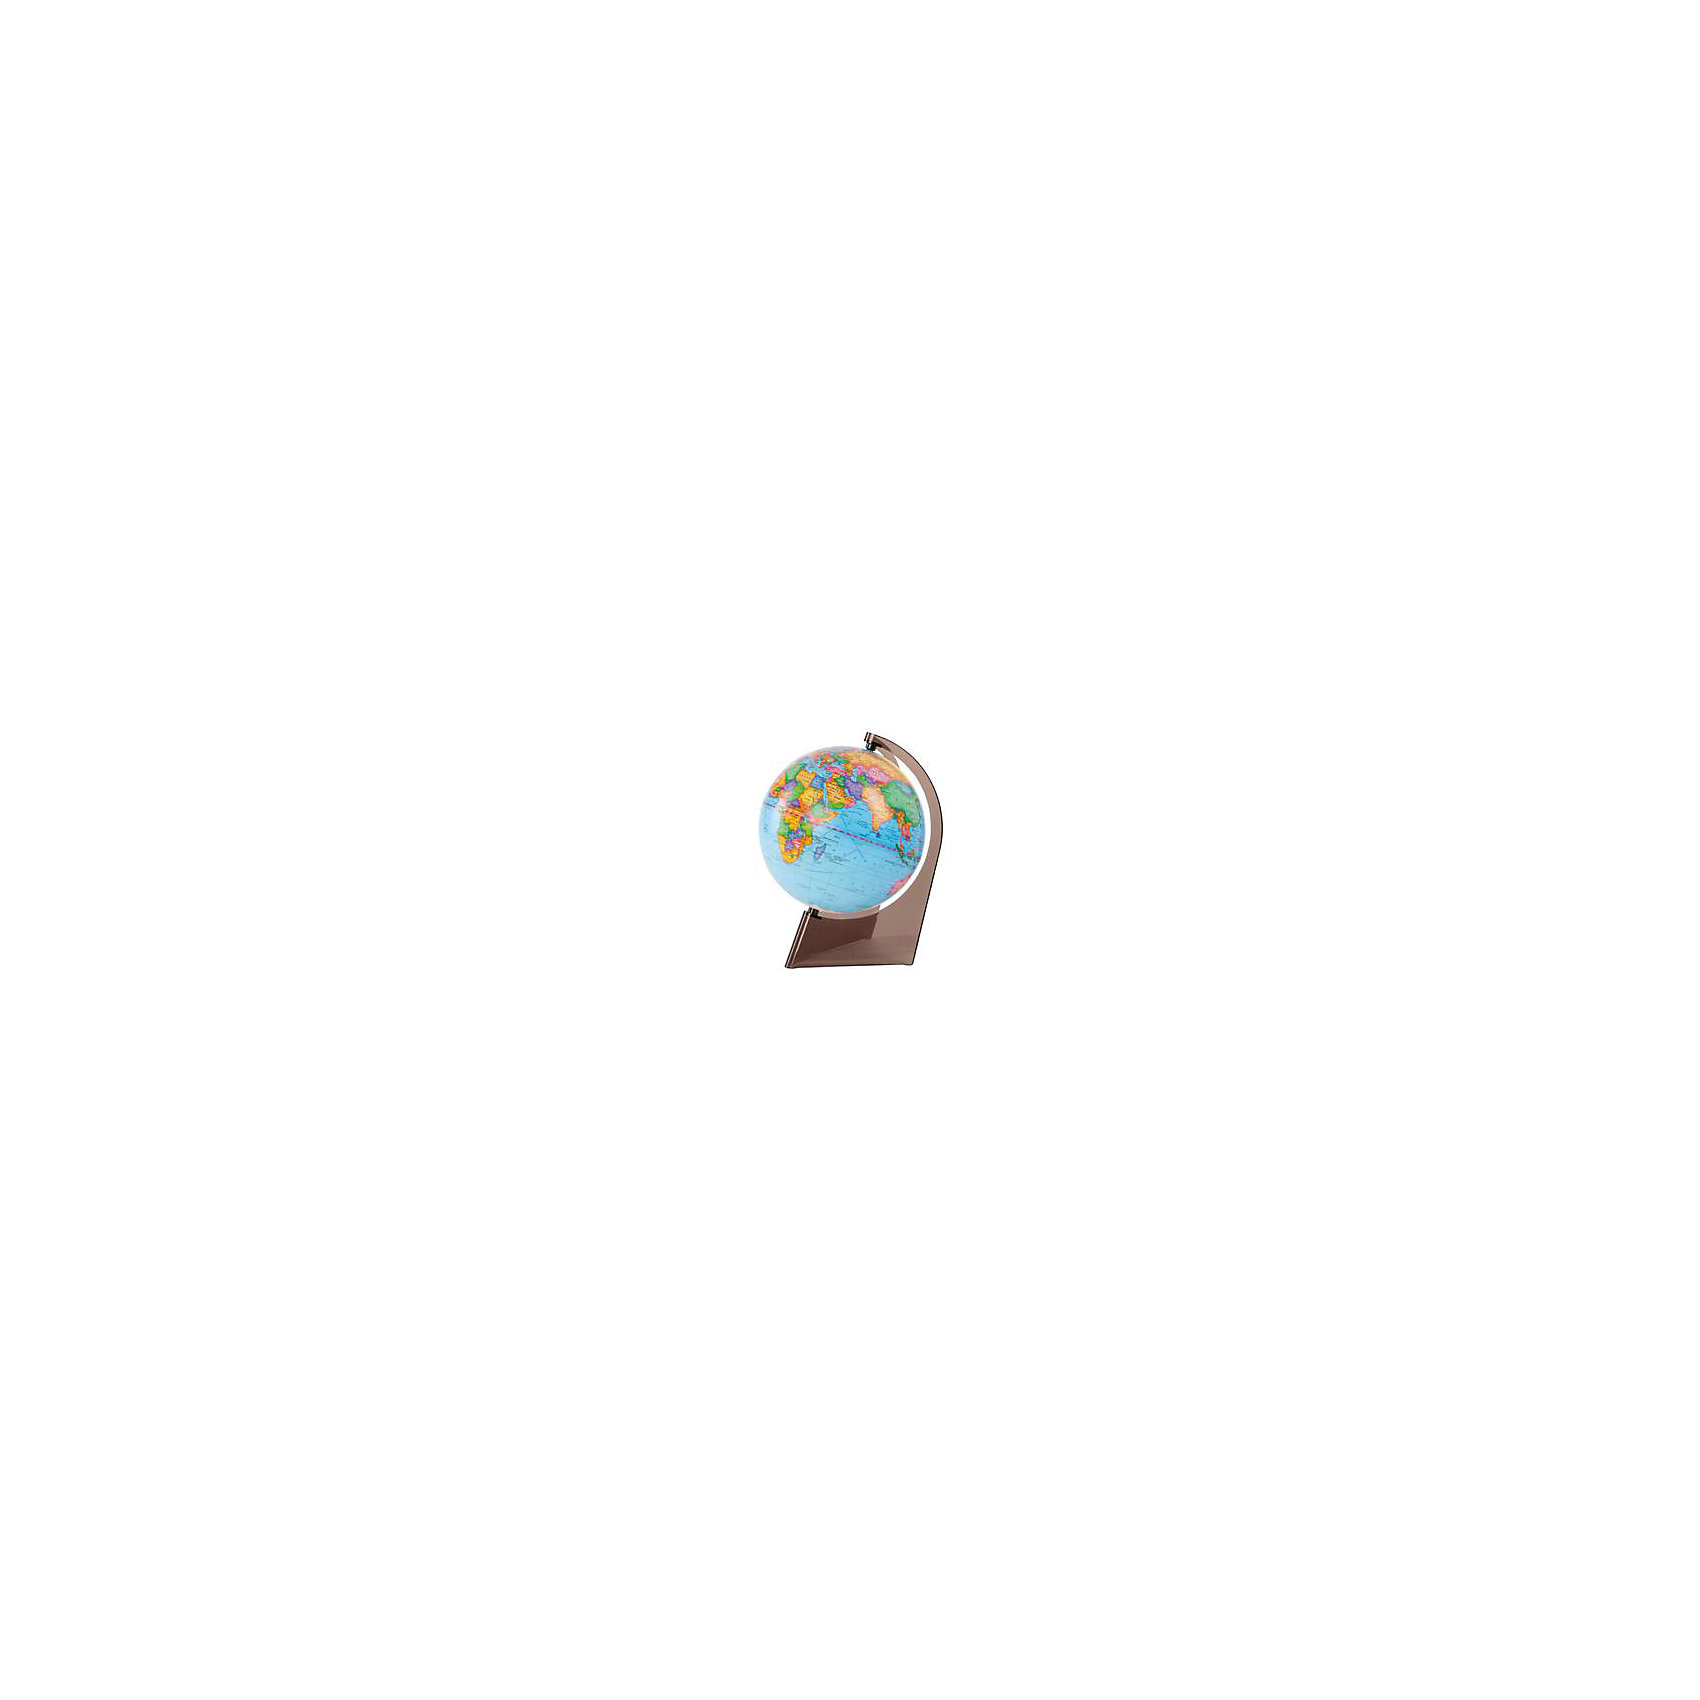 Глобус Земли политический на треугольнике, диаметр 210 ммГлобусы<br>Характеристики товара:<br><br>• возраст от 6 лет;<br>• материал: пластик;<br>• цвет подставки: прозрачный<br>• диаметр глобуса 210 мм;<br>• масштаб 1:60000000;<br>• размер упаковки 24,6х21,6х21,6 см;<br>• вес упаковки 650 гр.;<br>• страна производитель: Россия.<br><br>Глобус Земли политический на треугольнике, 210 мм Глобусный мир — уменьшенная копия нашей планеты. Глобус станет отличным дополнением для школьника или студента. Он представляет собой политическую карту мира со странами, их границами, столицами и городами. <br><br>Глобус Земли политический на треугольнике, 210 мм Глобусный мир можно приобрести в нашем интернет-магазине.<br><br>Ширина мм: 216<br>Глубина мм: 216<br>Высота мм: 246<br>Вес г: 650<br>Возраст от месяцев: 72<br>Возраст до месяцев: 2147483647<br>Пол: Унисекс<br>Возраст: Детский<br>SKU: 5518216